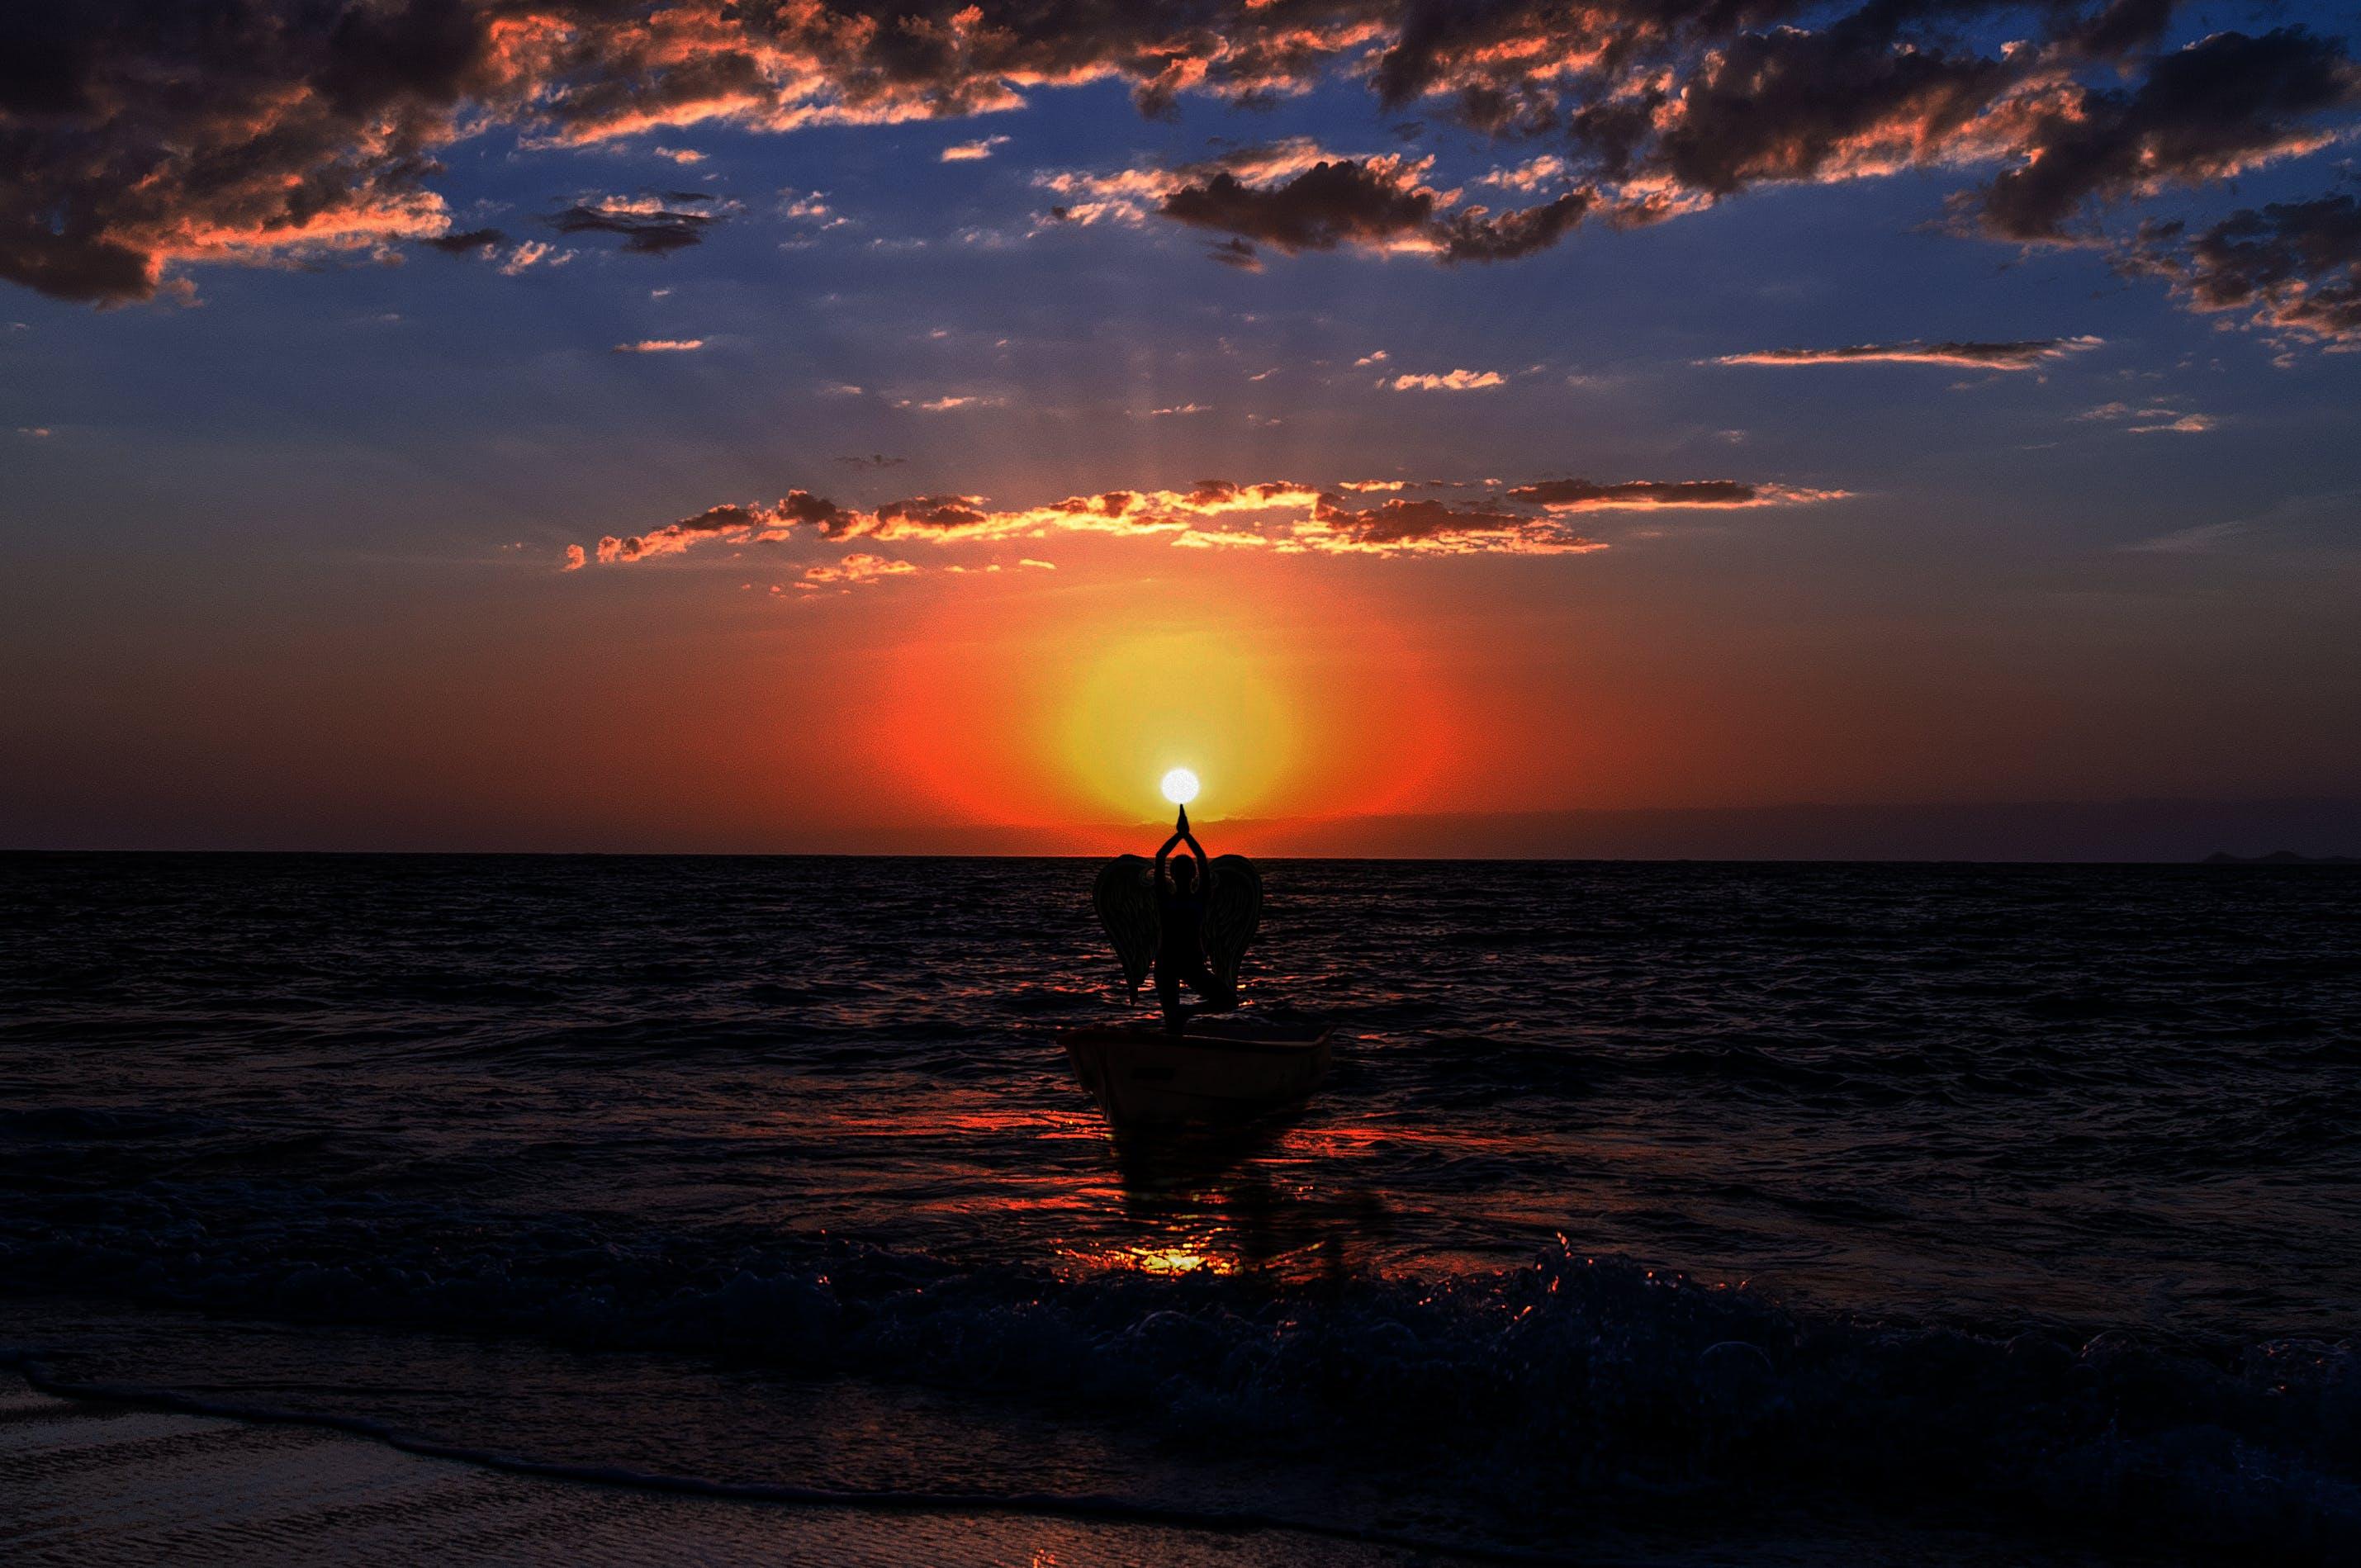 シースケープ, バックライト付き, ビーチ, 反射の無料の写真素材